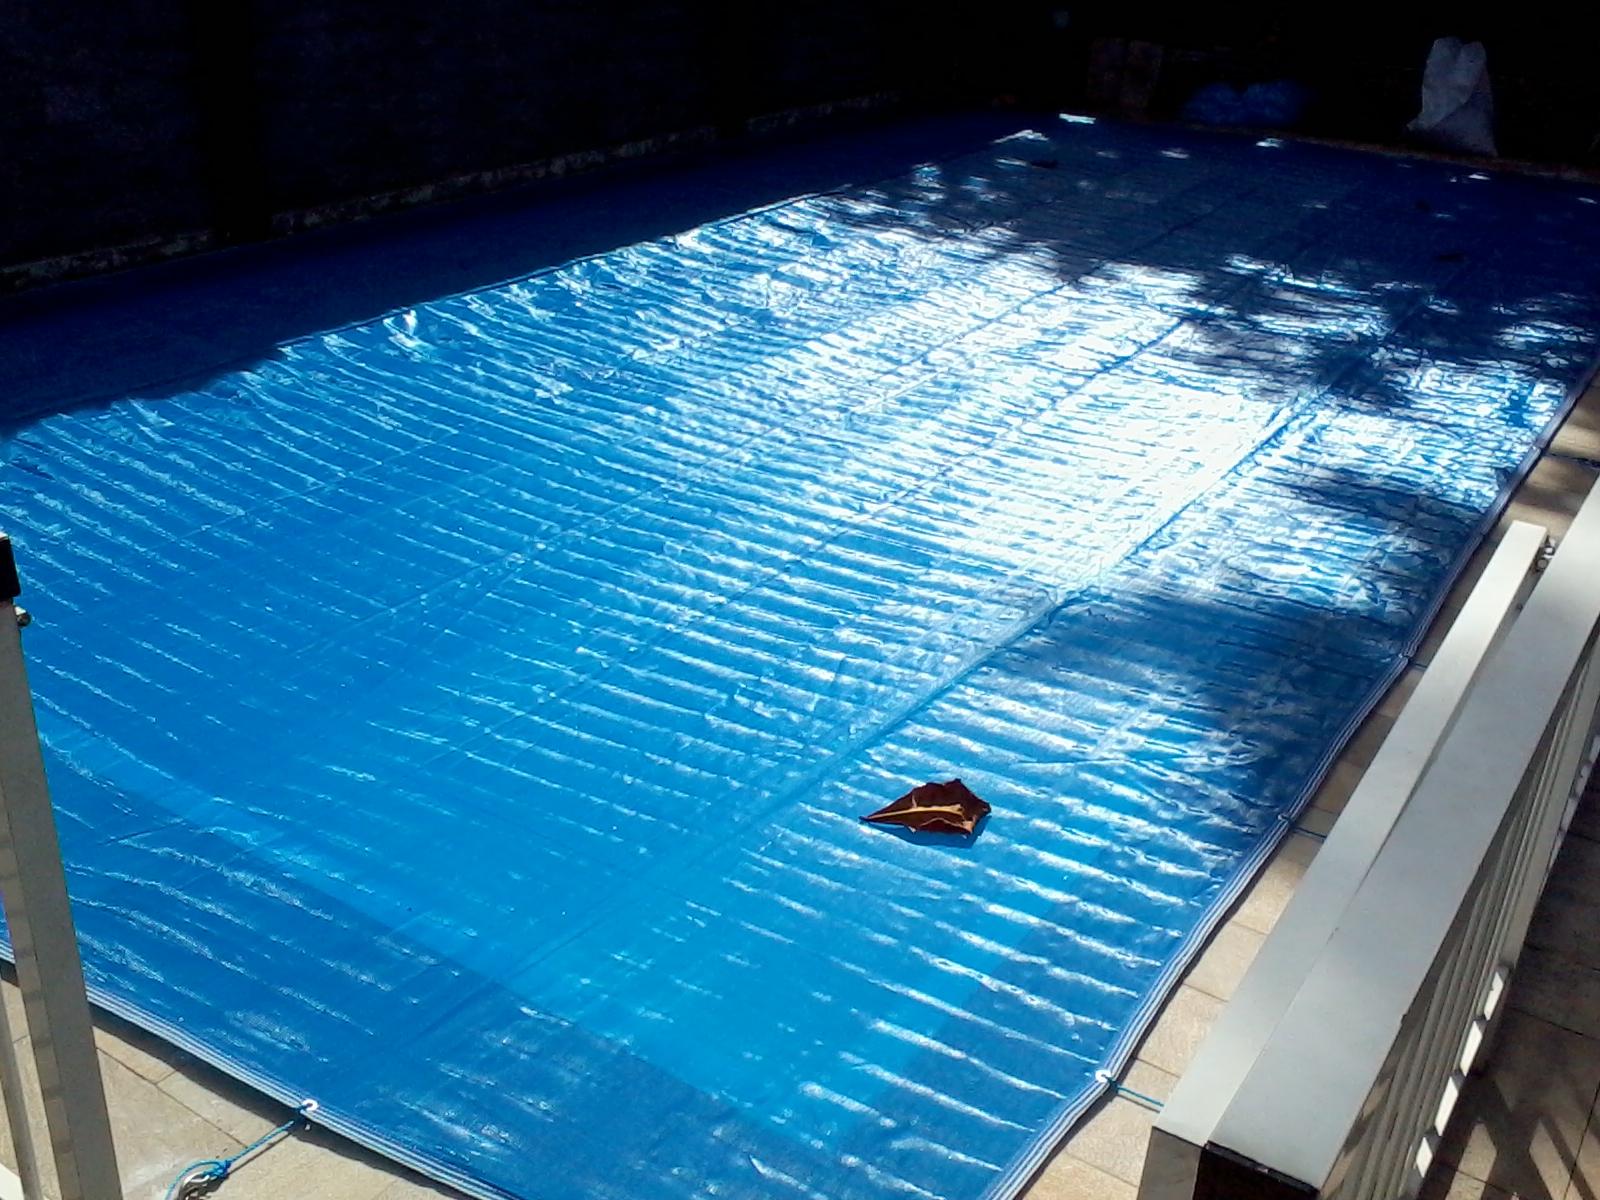 Capas para piscinas no rj telas para piscinas for Tela impermeable para piscinas